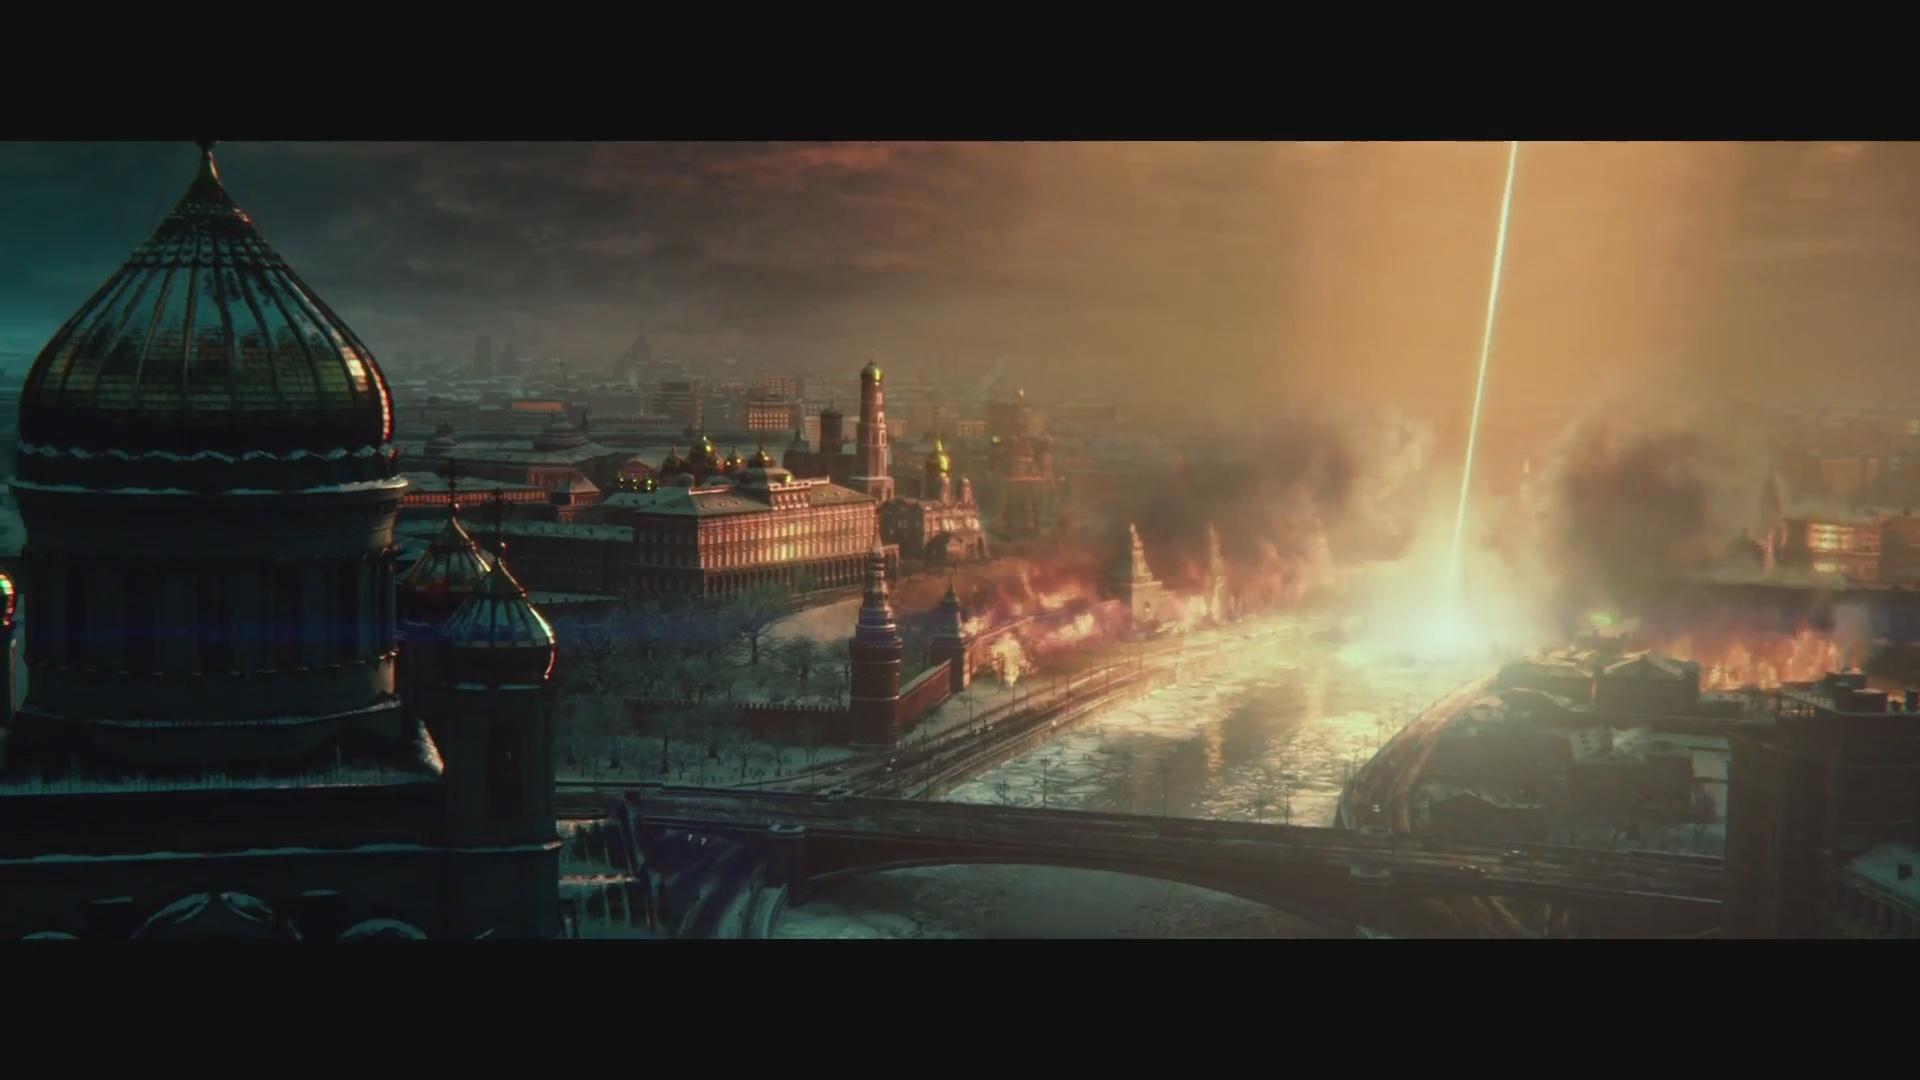 华纳兄弟最新灾难科幻动作巨制《全球风暴》最新预告之力量篇